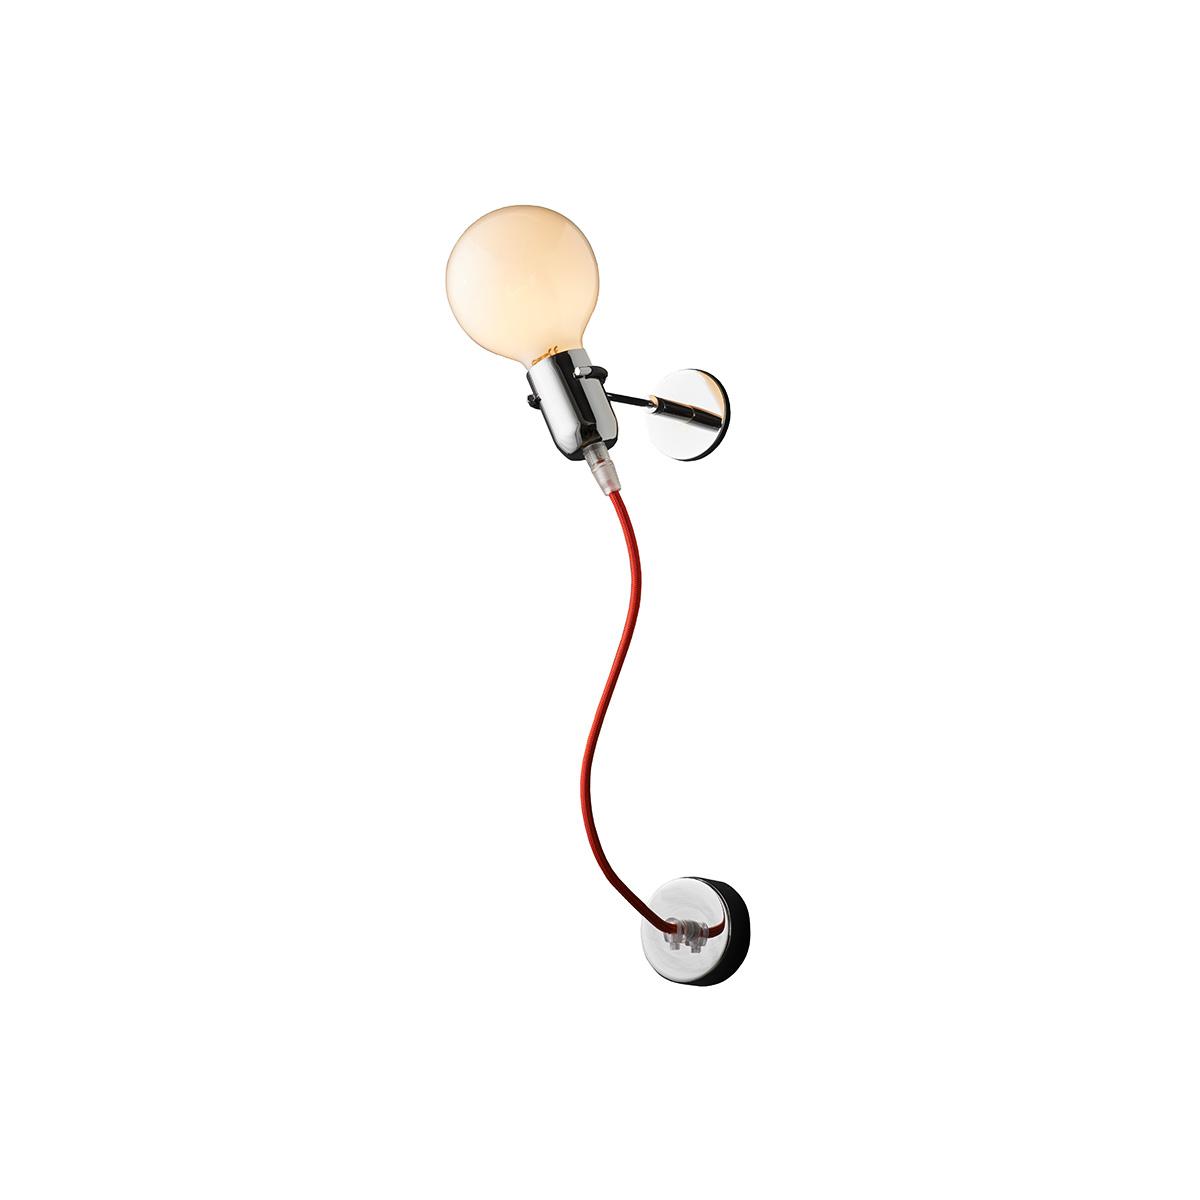 Μοντέρνα απλίκα με κόκκινο καλώδιο ΚΑΛΩΔΙΑ modern red wall lamp